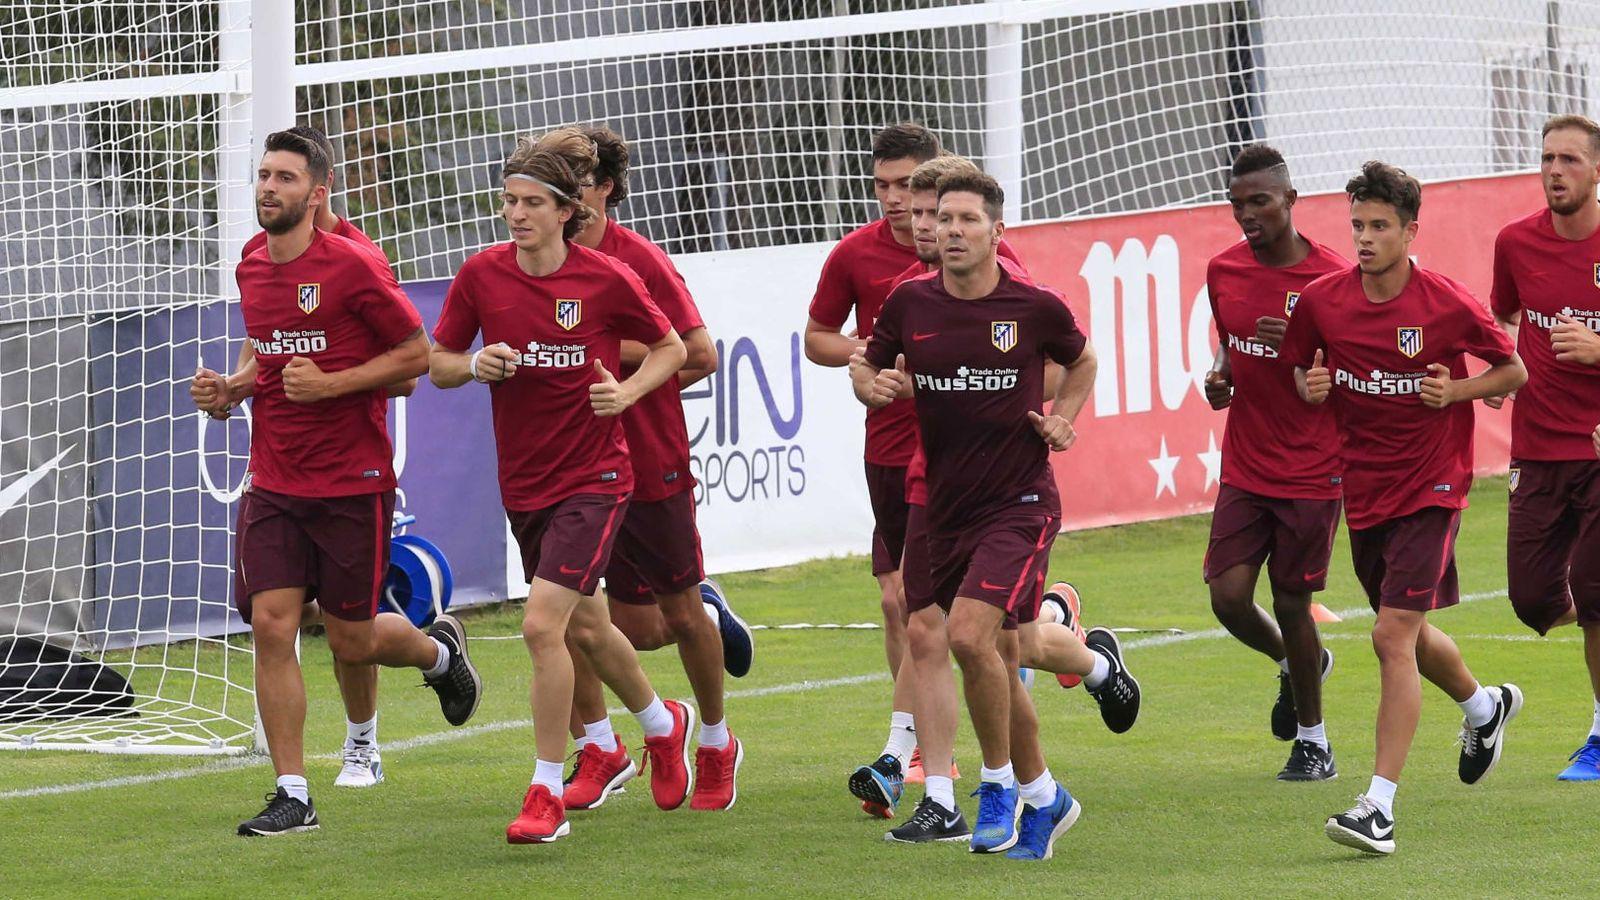 Foto: Mensah, el cuarto por la izquierda, en el primer entrenamiento del Atlético (Zipi/EFE)